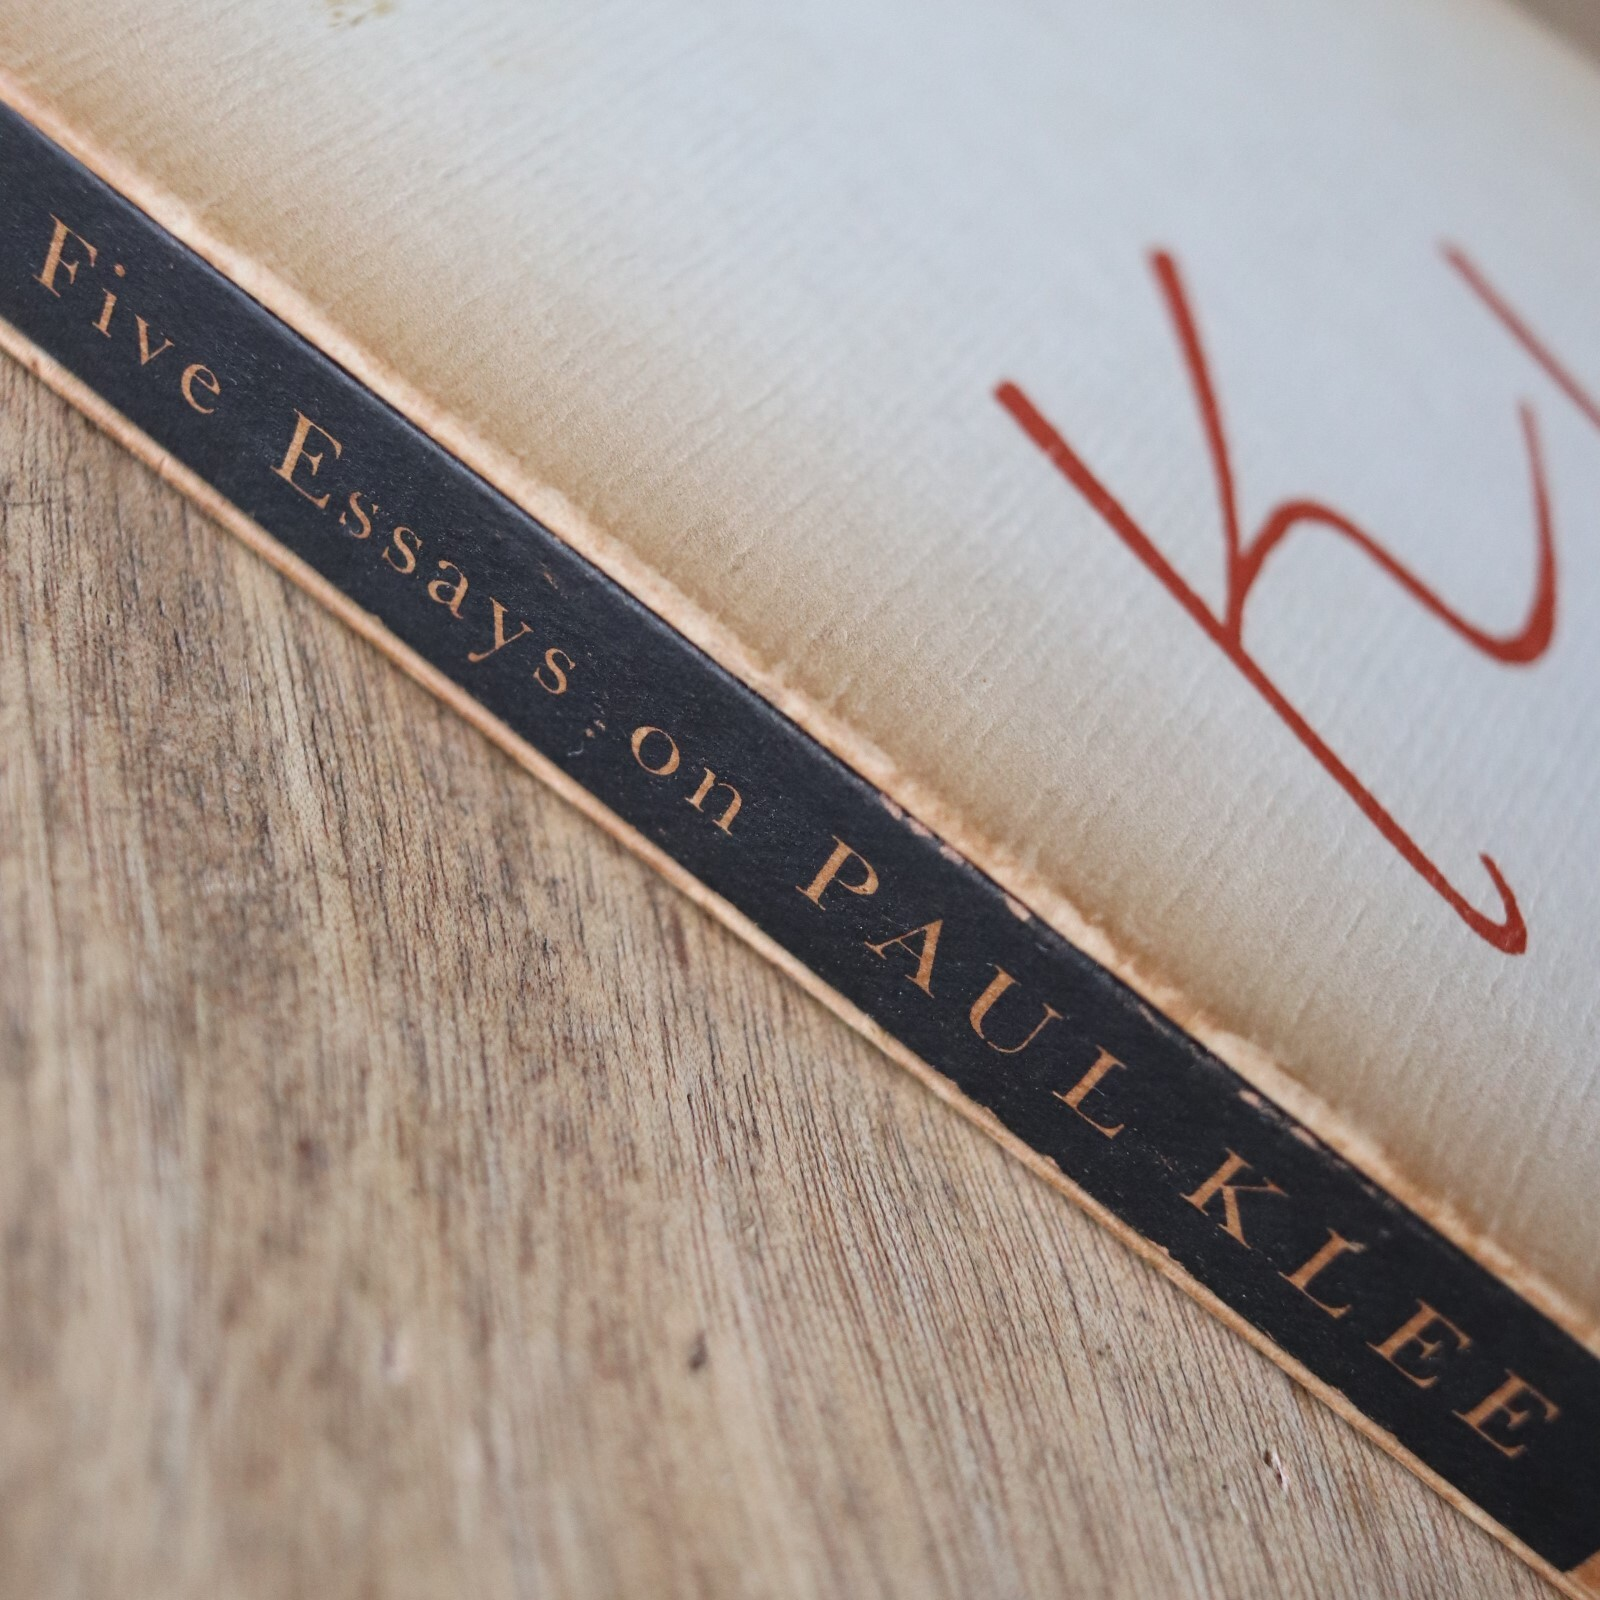 FIVE ESSAYS ON PAUL KLEE / Merle Armitage